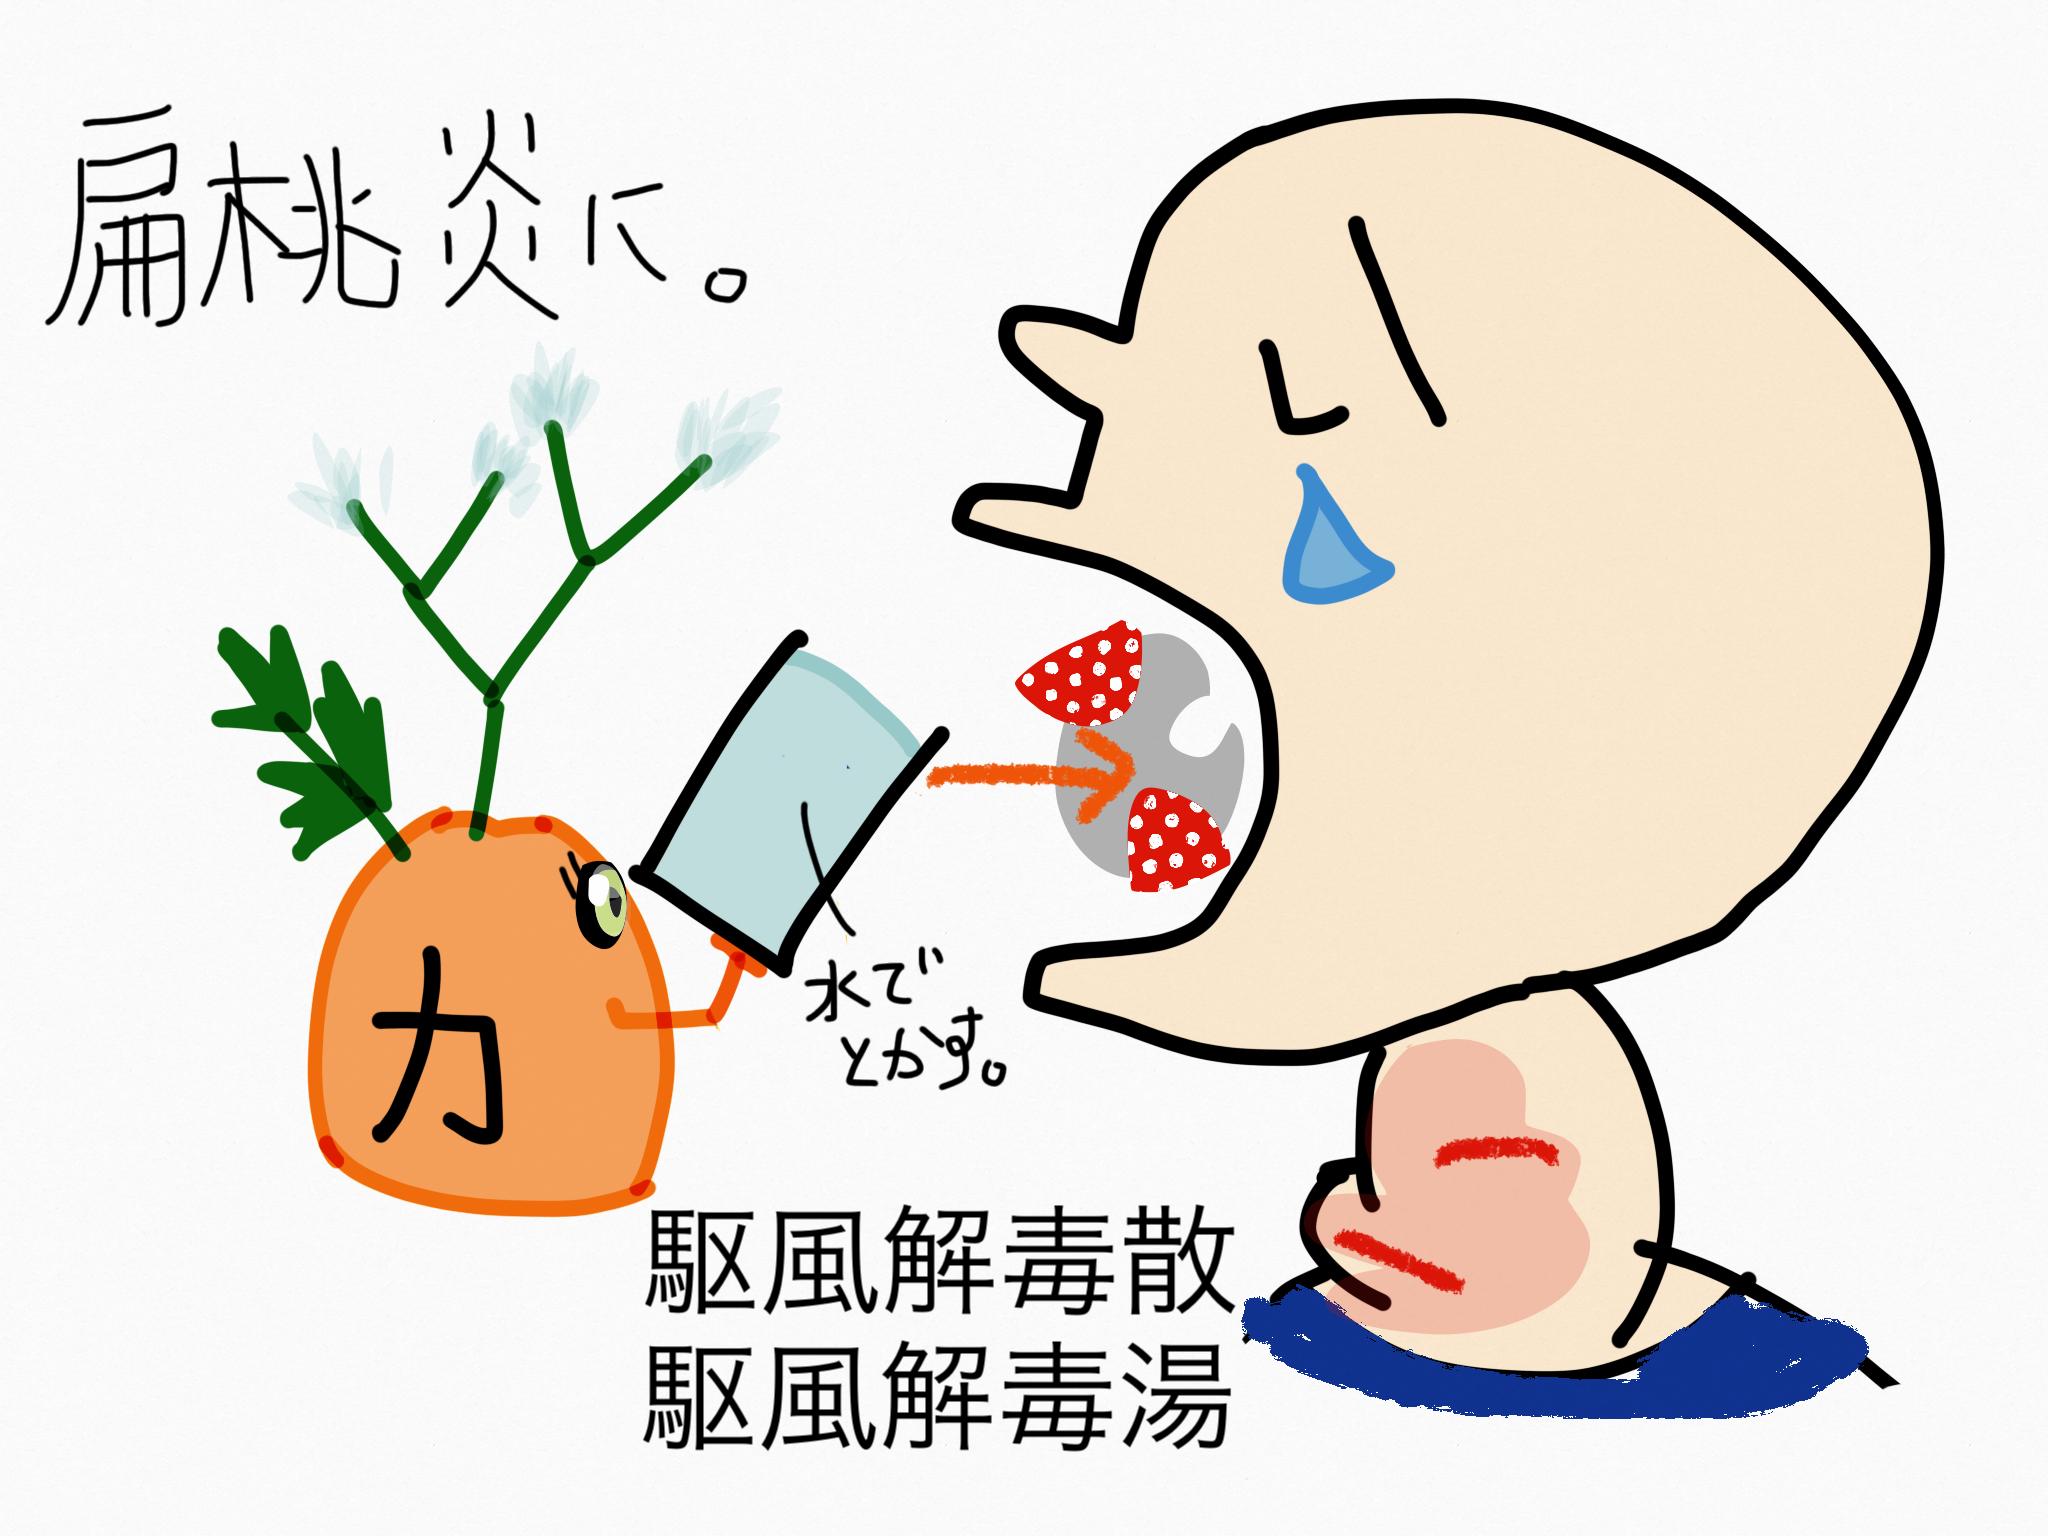 駆風解毒散(くふうげどくさん)/駆風解毒湯(くふうげどくとう)[のどの痛み]【漢方の覚え方】